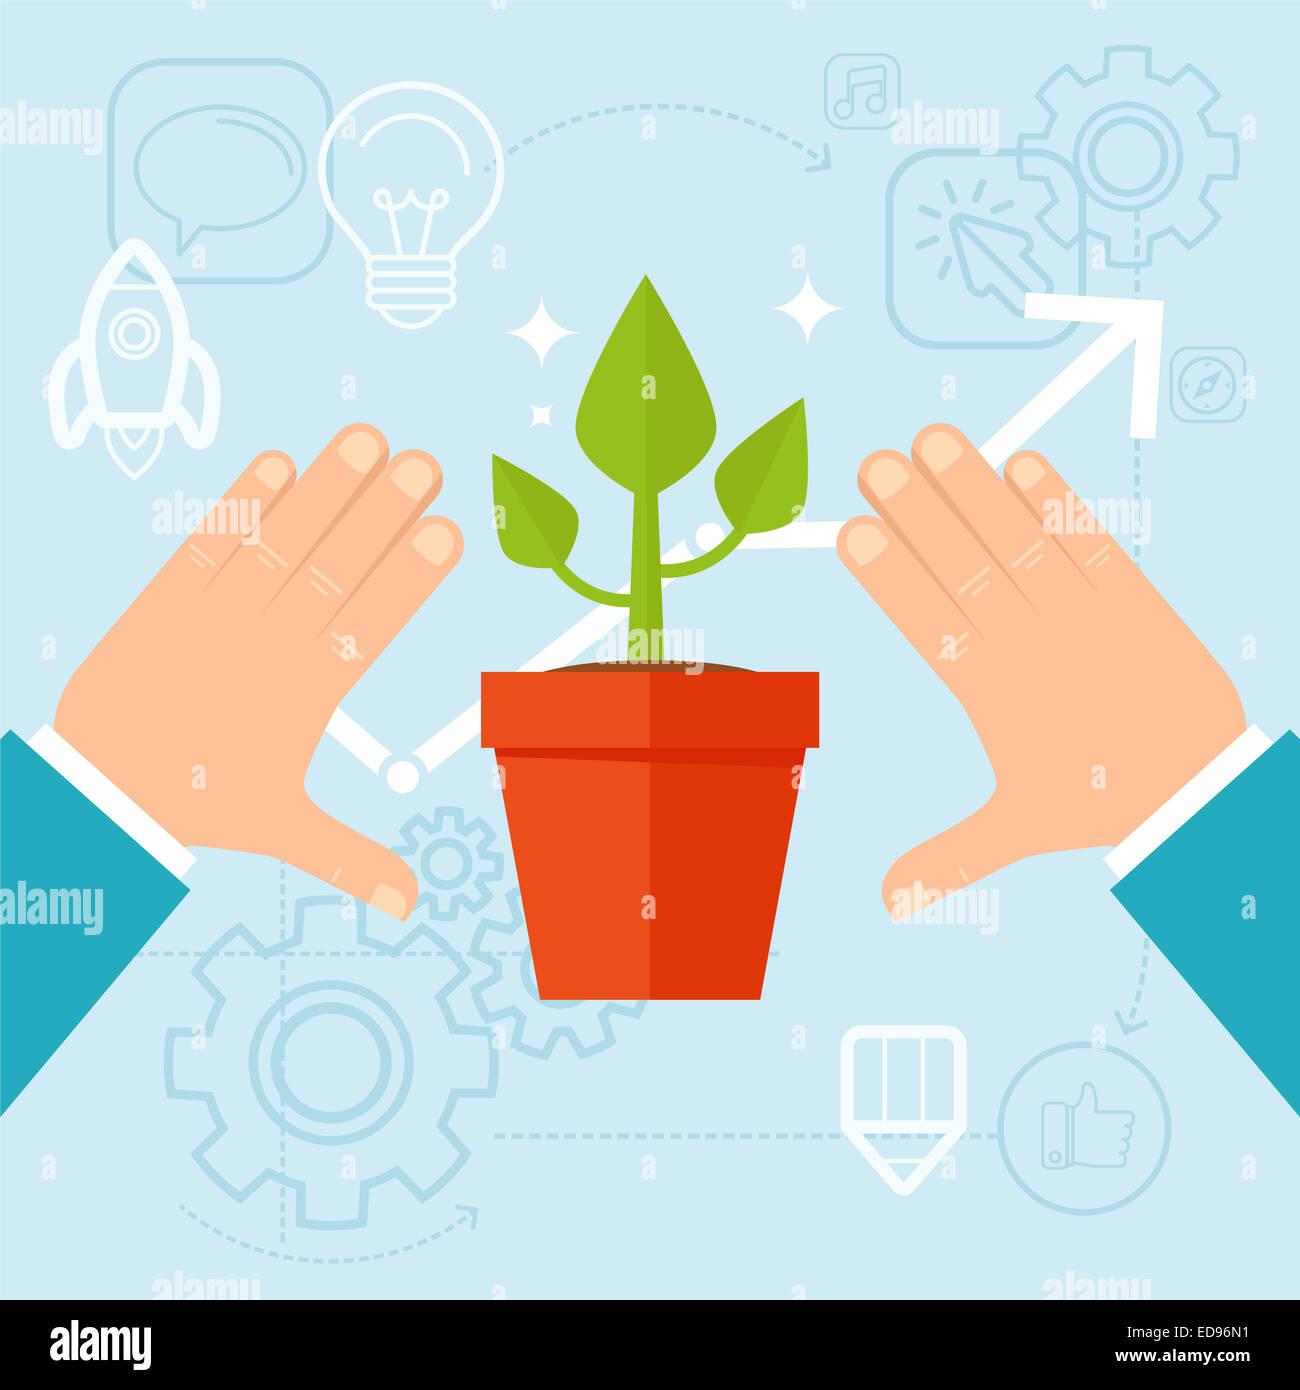 Concepto de desarrollo personal en estilo plano - planta verde y manos humanas Imagen De Stock